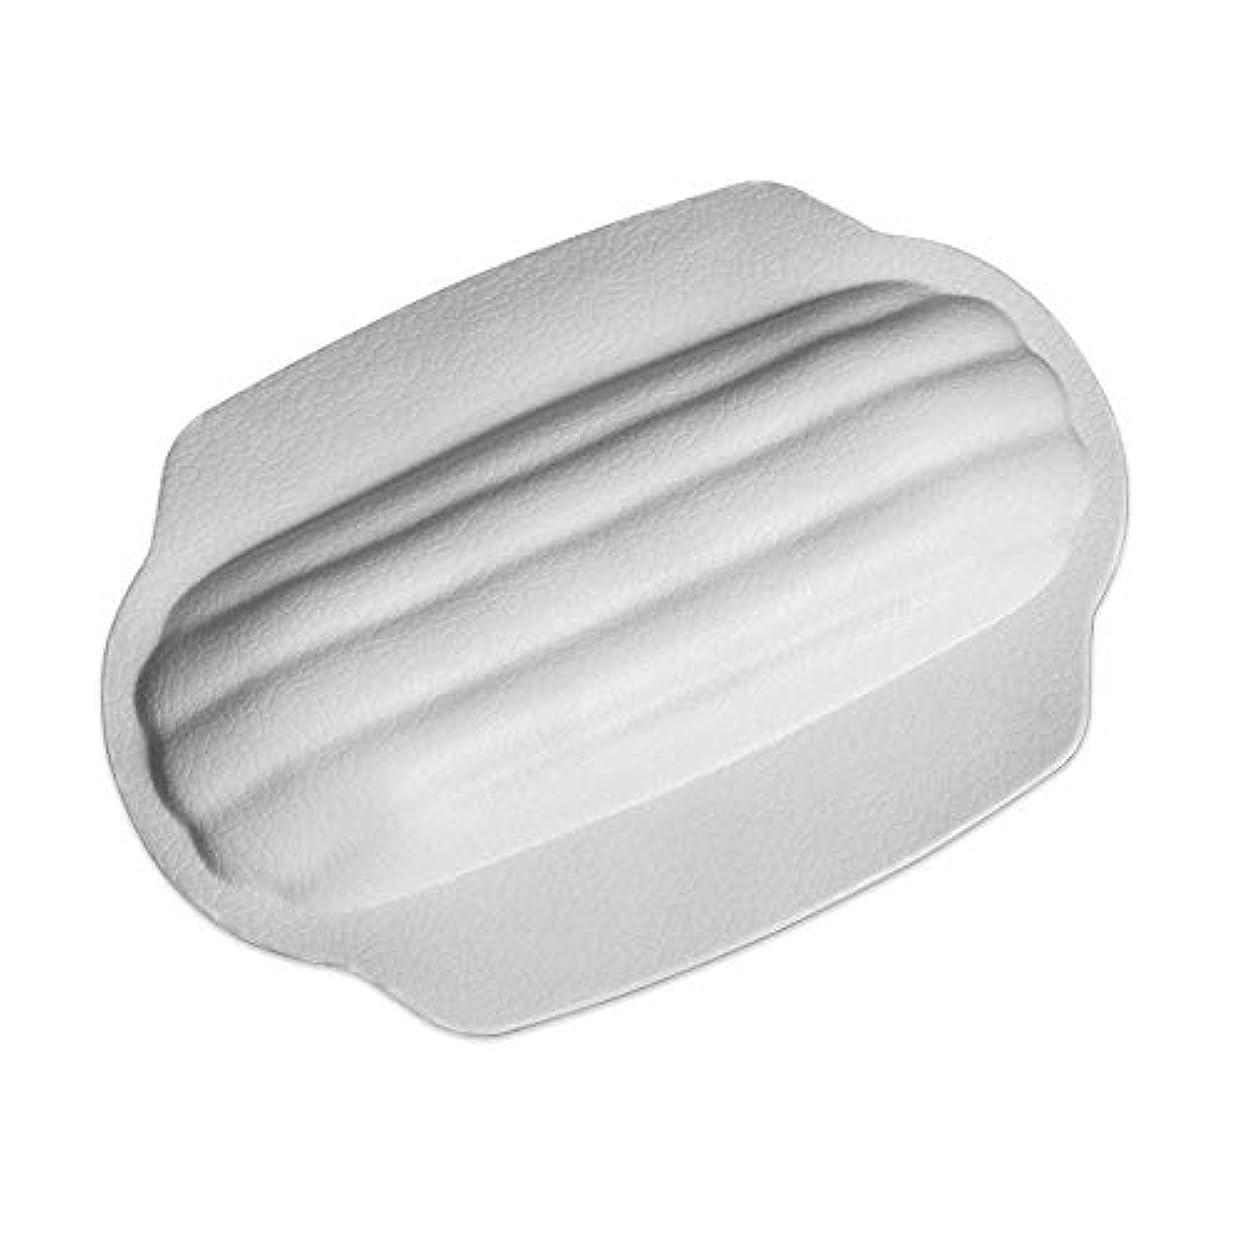 アブセイ正確な適合しましたサクションカップ付き防水滑り止めスパ枕厚めユニバーサルバスタブ枕バスタブと抗菌性